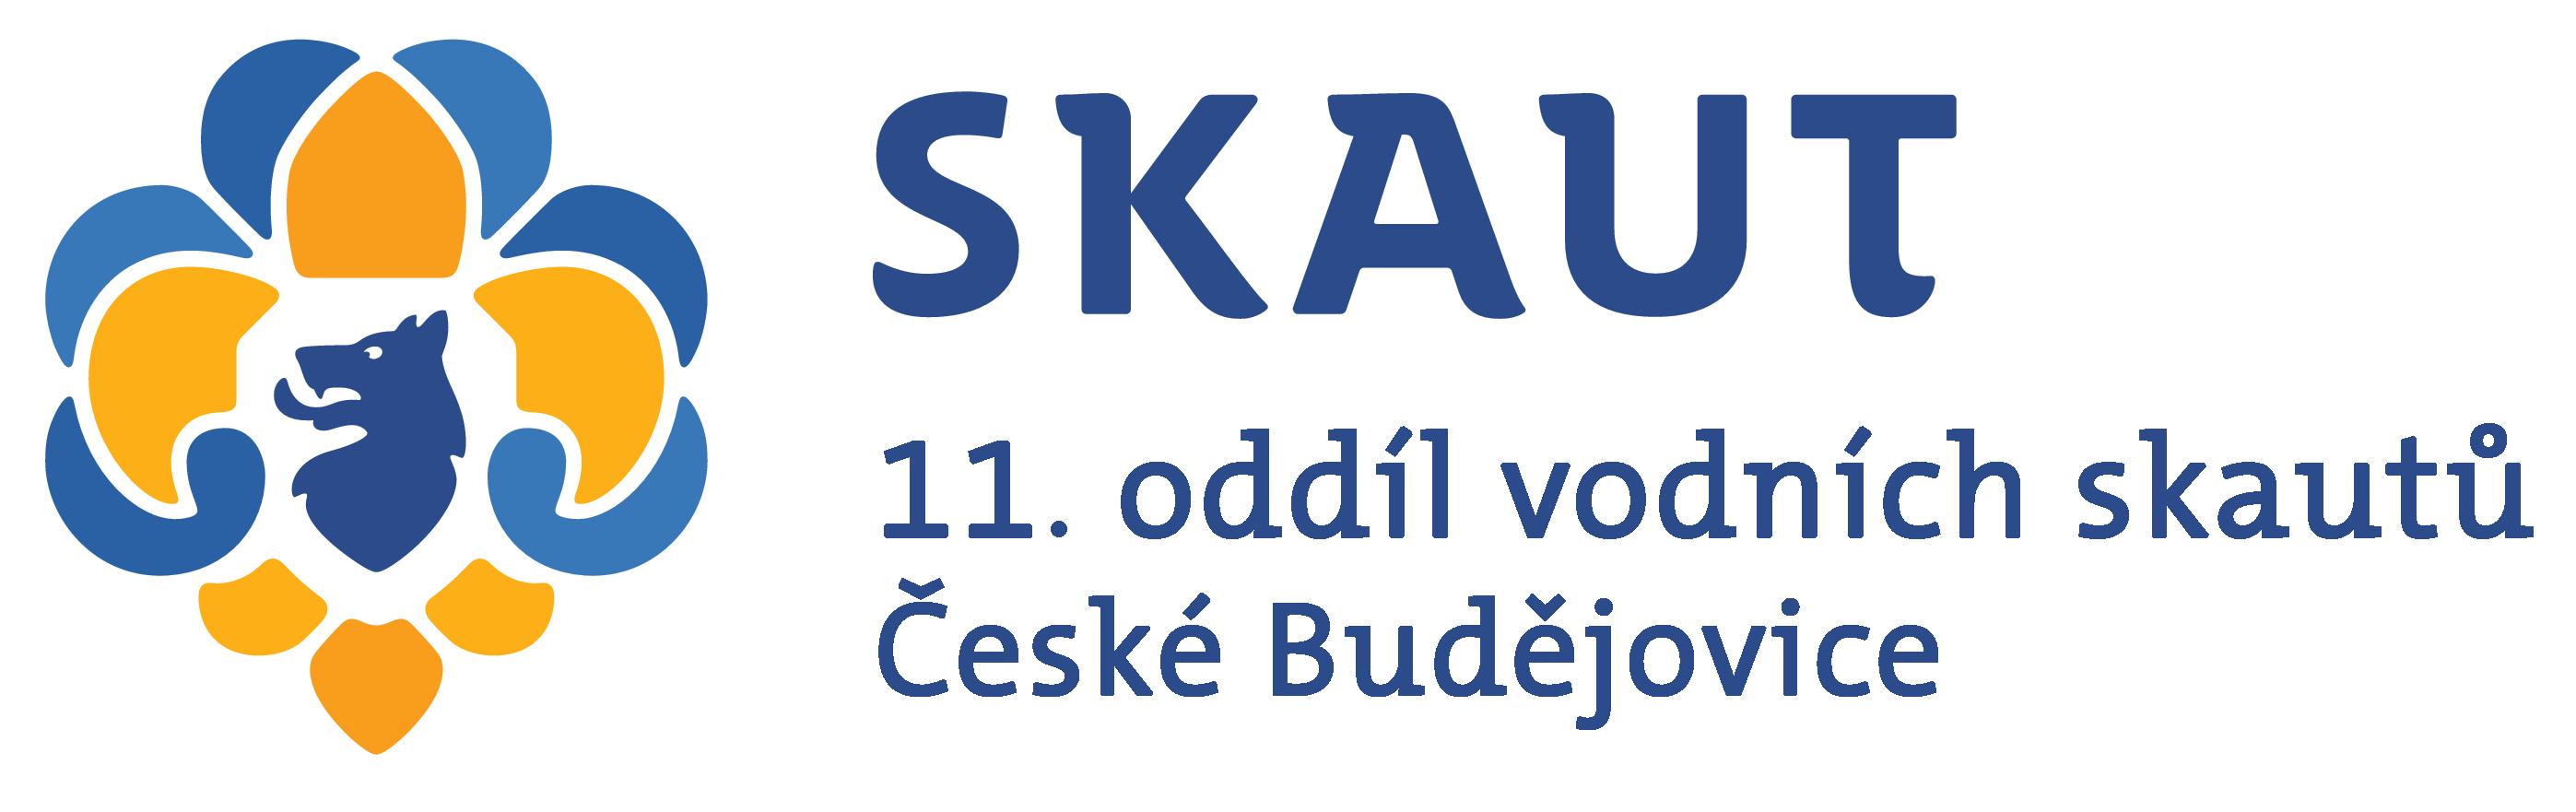 11.oddíl vodních skautů České Budějovice